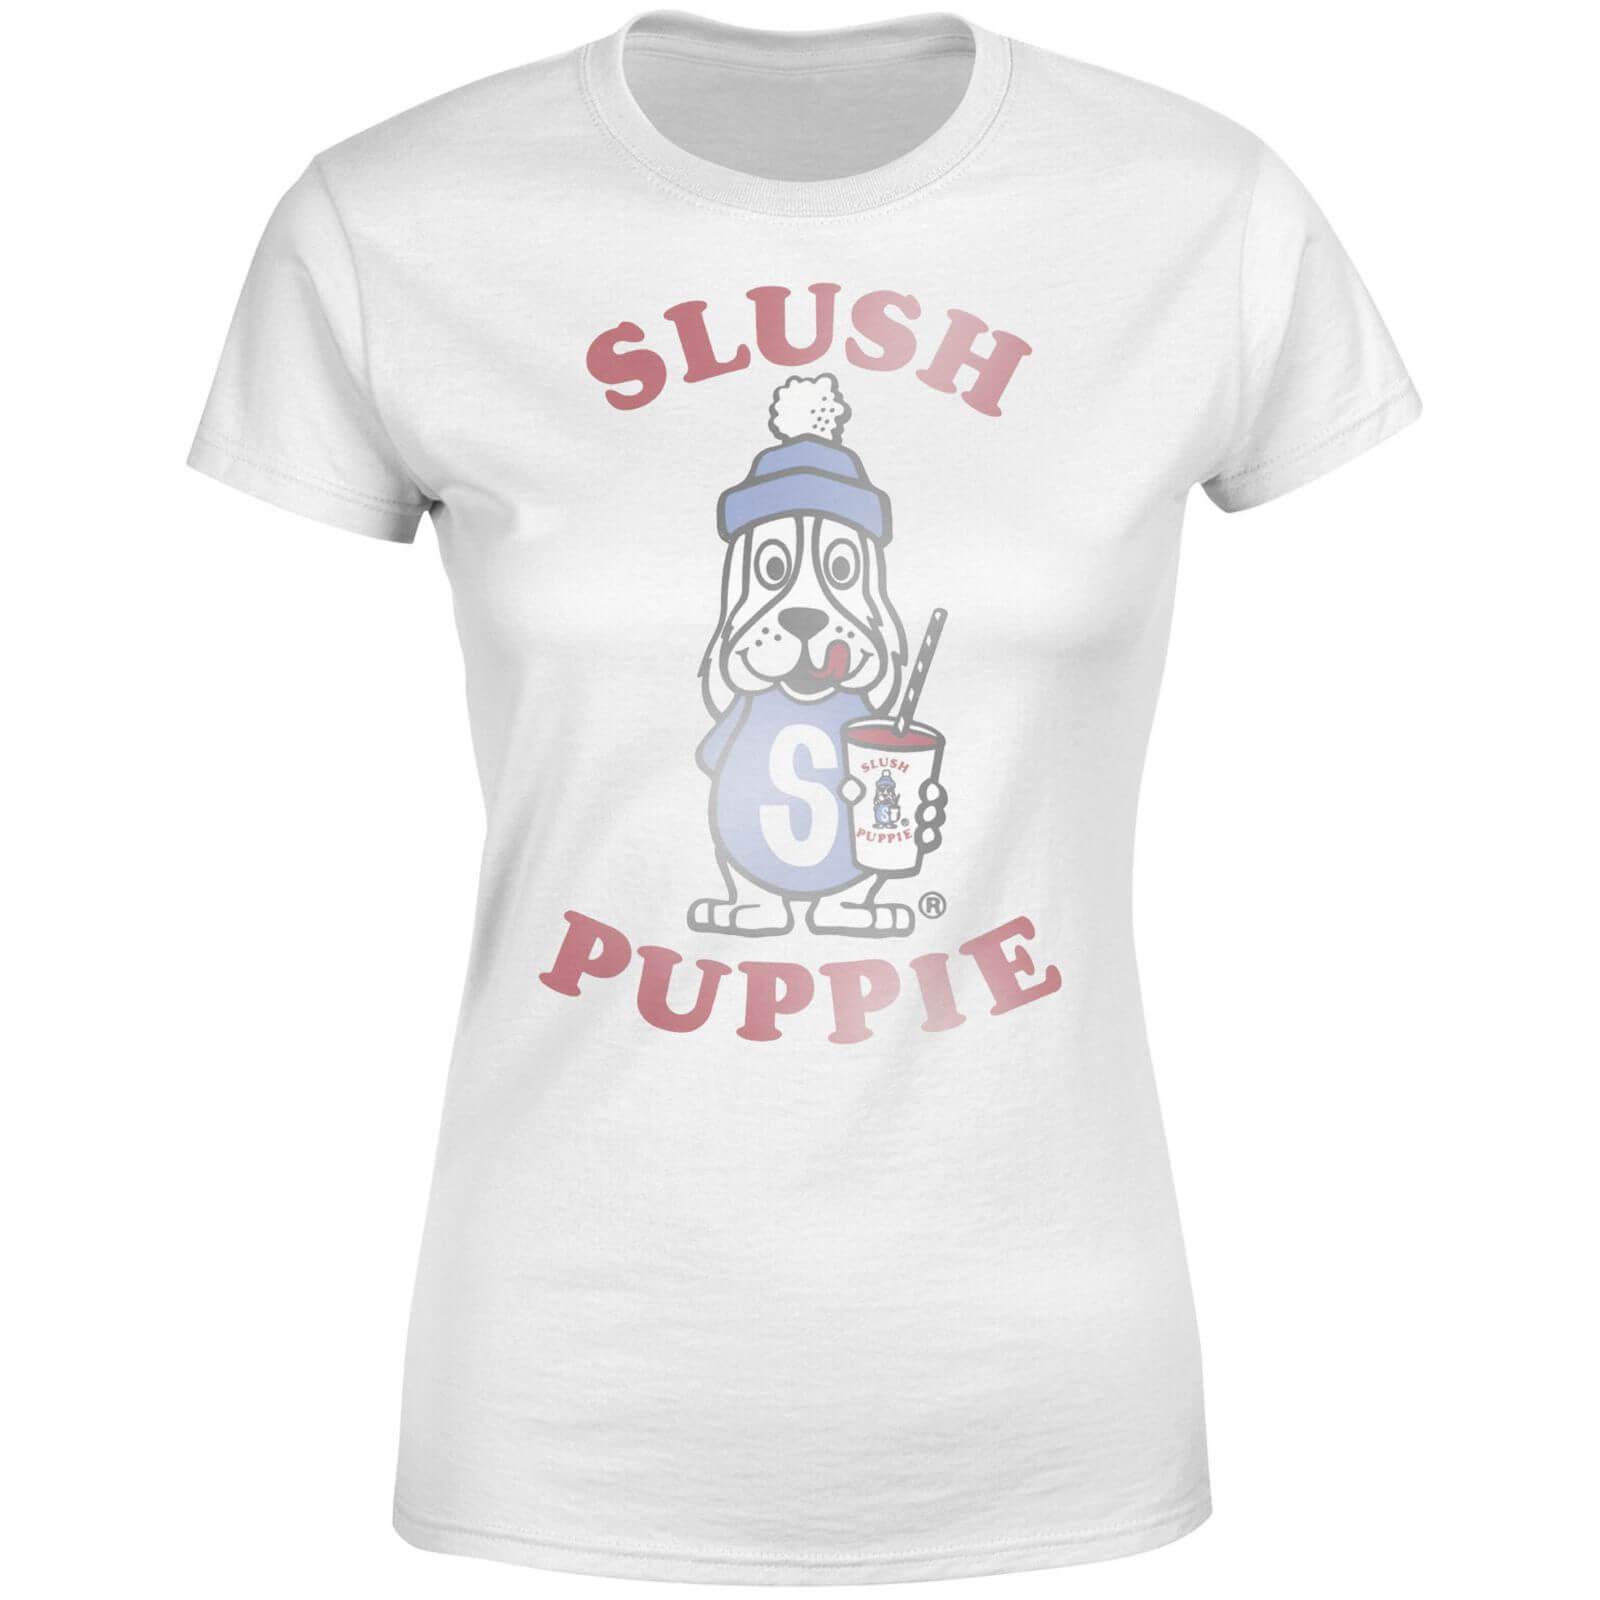 Slush Puppie Slush Puppie Women's T-Shirt - White - XXL - White